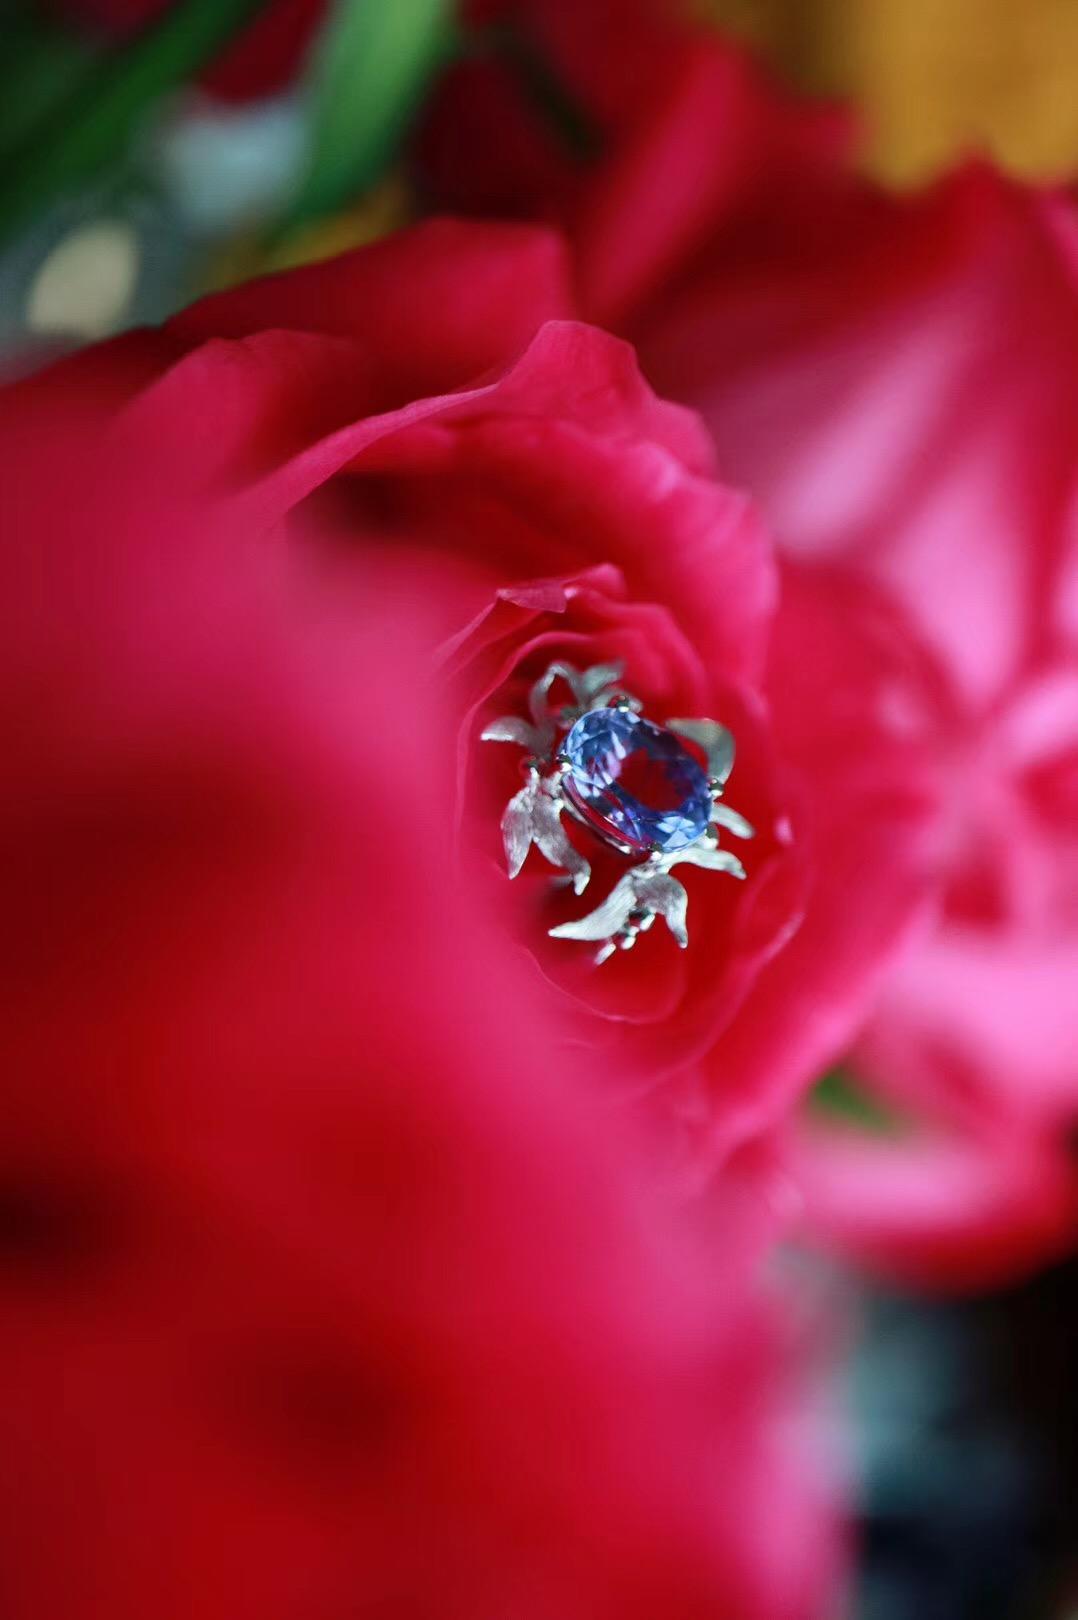 【菩心坦桑石   18k金】菩心家的经典设计,愿她给你带来全新关于美的体验!-菩心晶舍